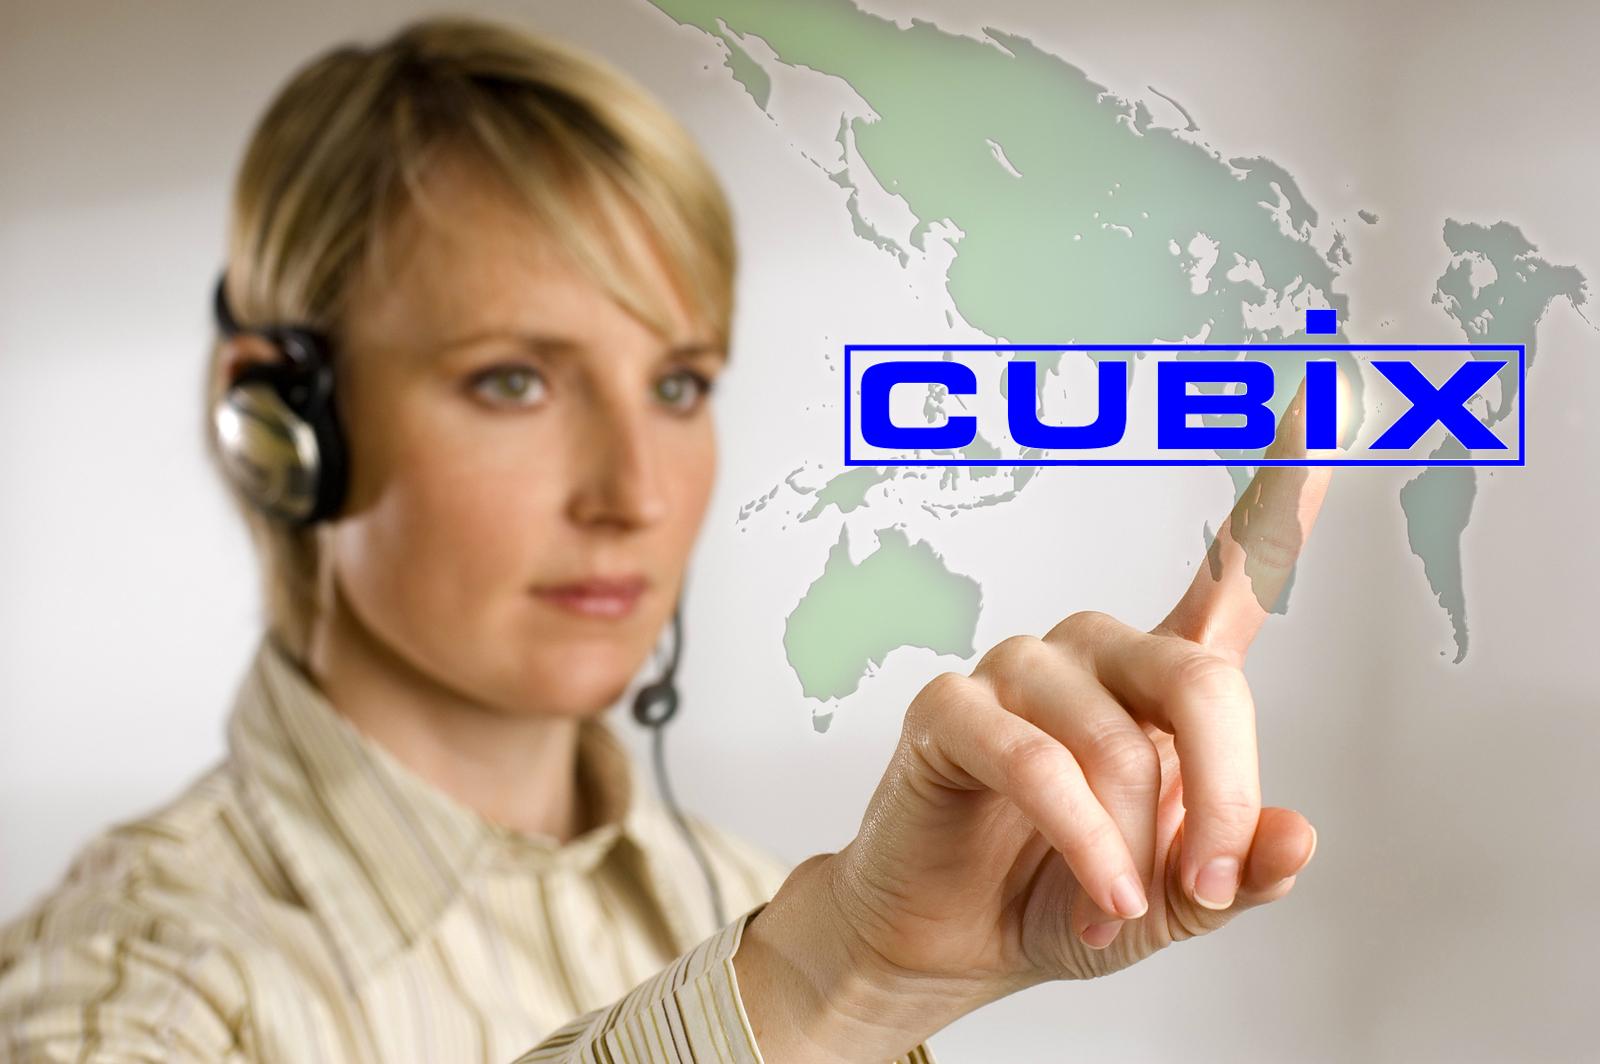 About Cubix